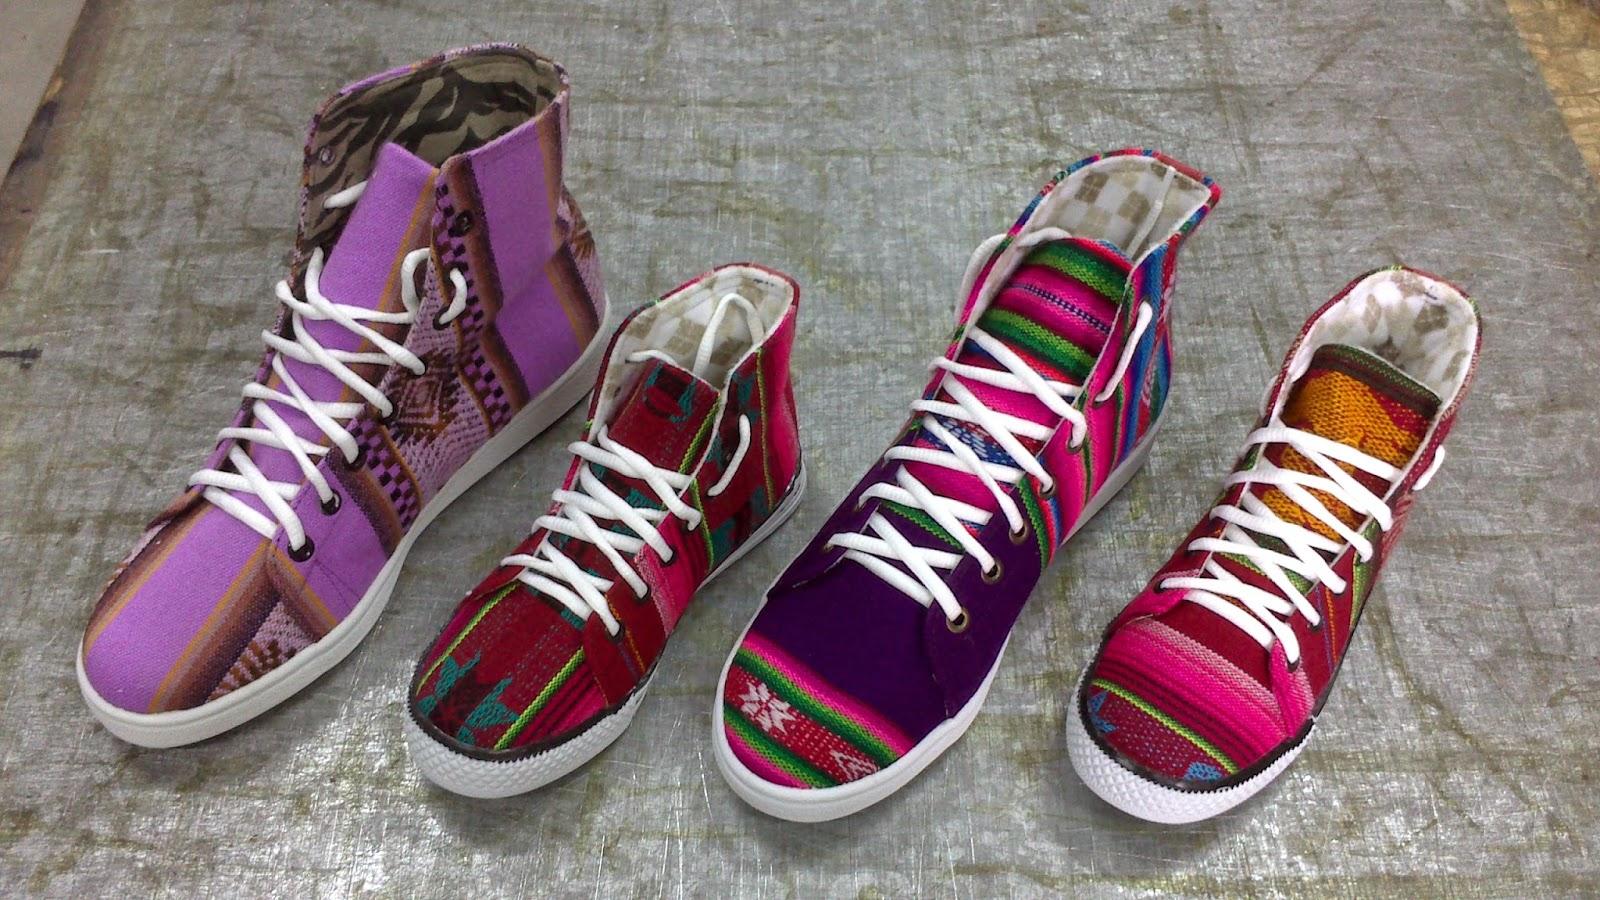 imagenes de zapatillas botitas - Calzado Infantil Paris